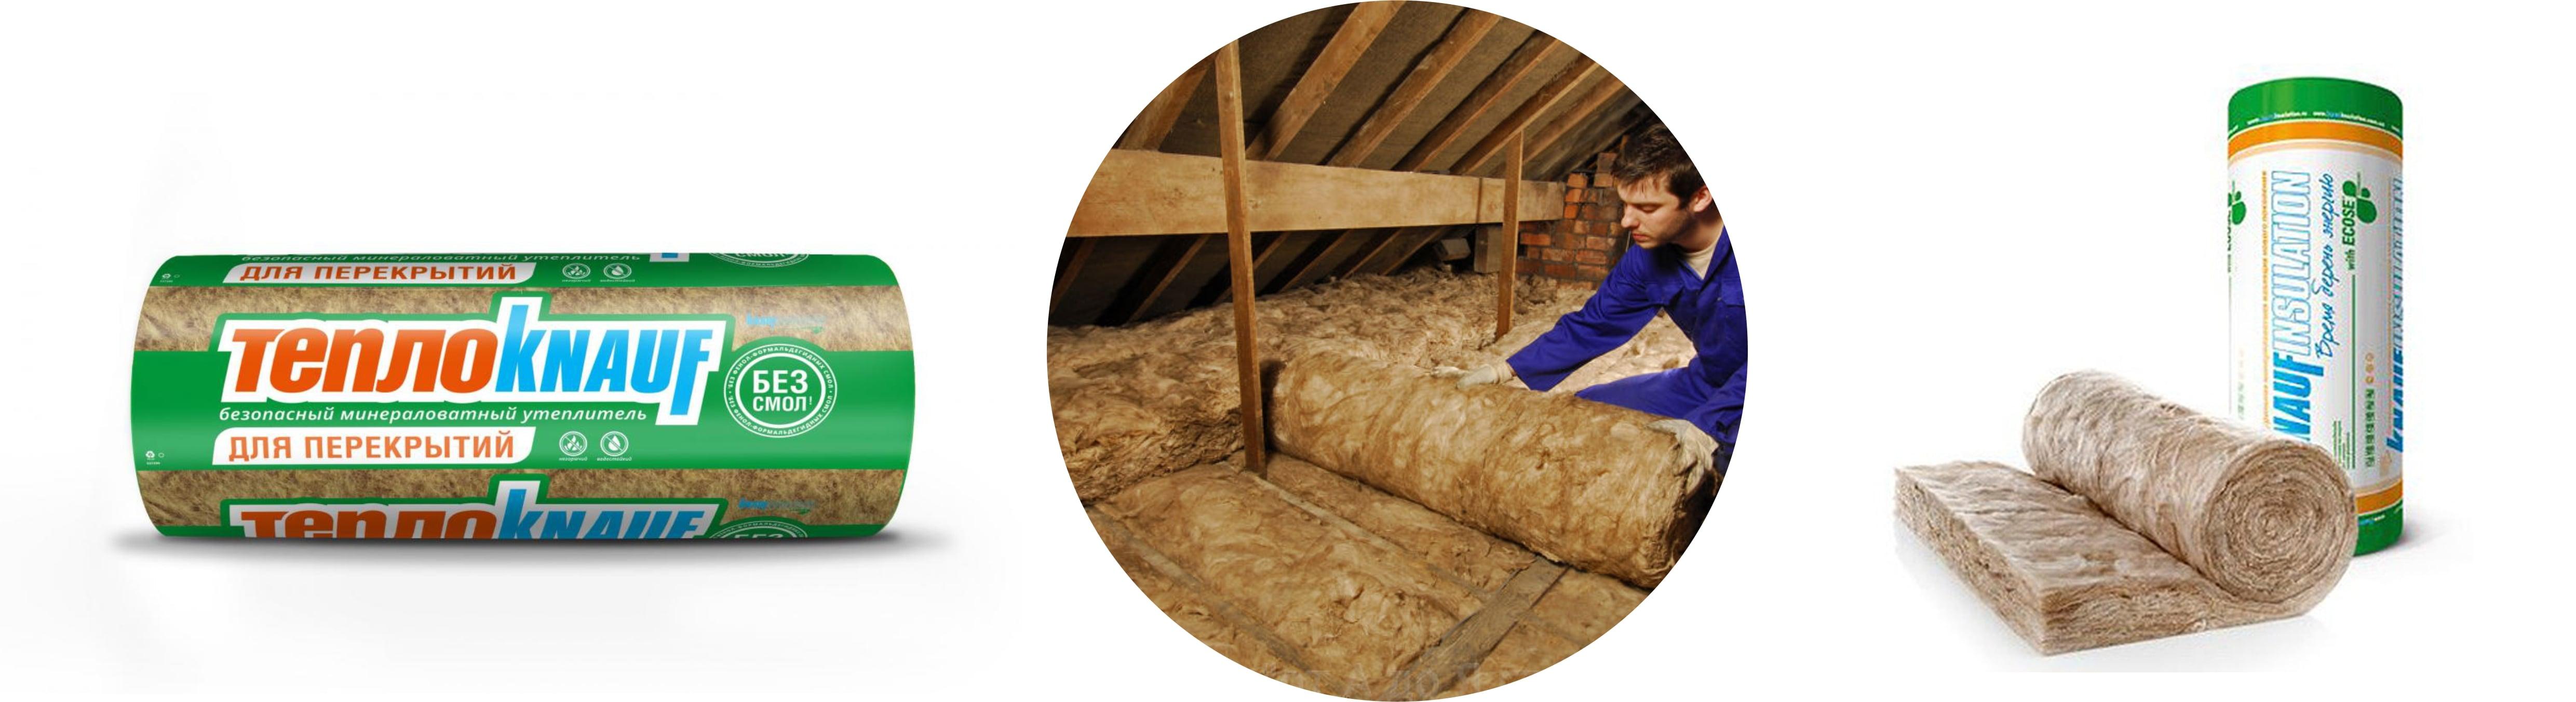 Утеплители кнауф и их технические характеристики в теплоизоляции дома